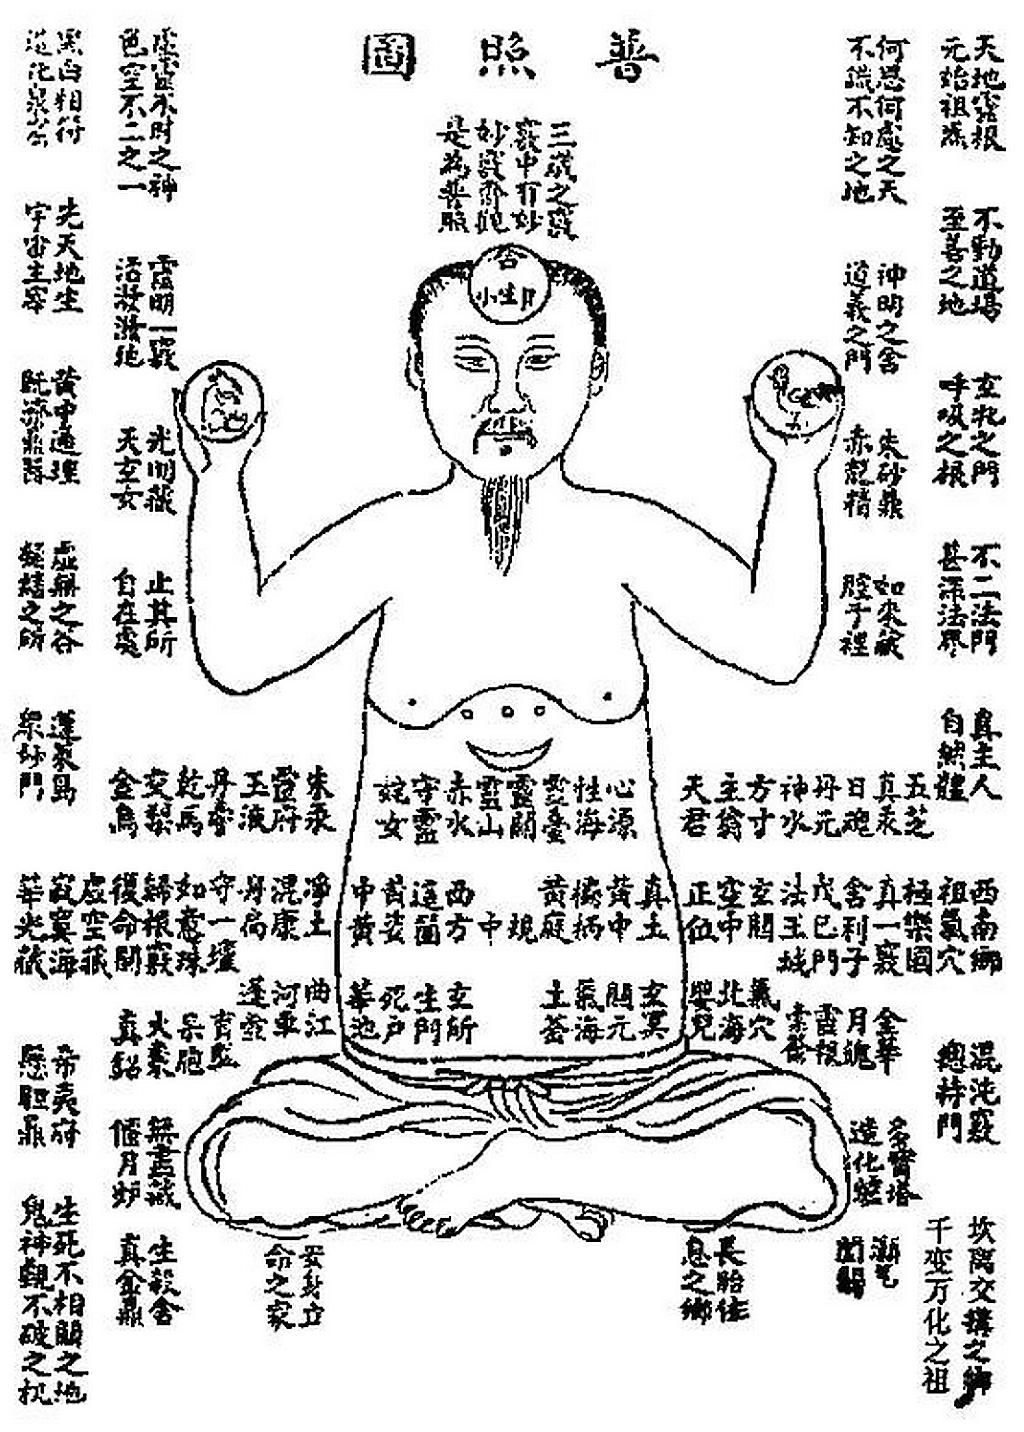 Racine spirituelle du Ciel et de la Terre dans le corps in Xing Ming Gui Zhi